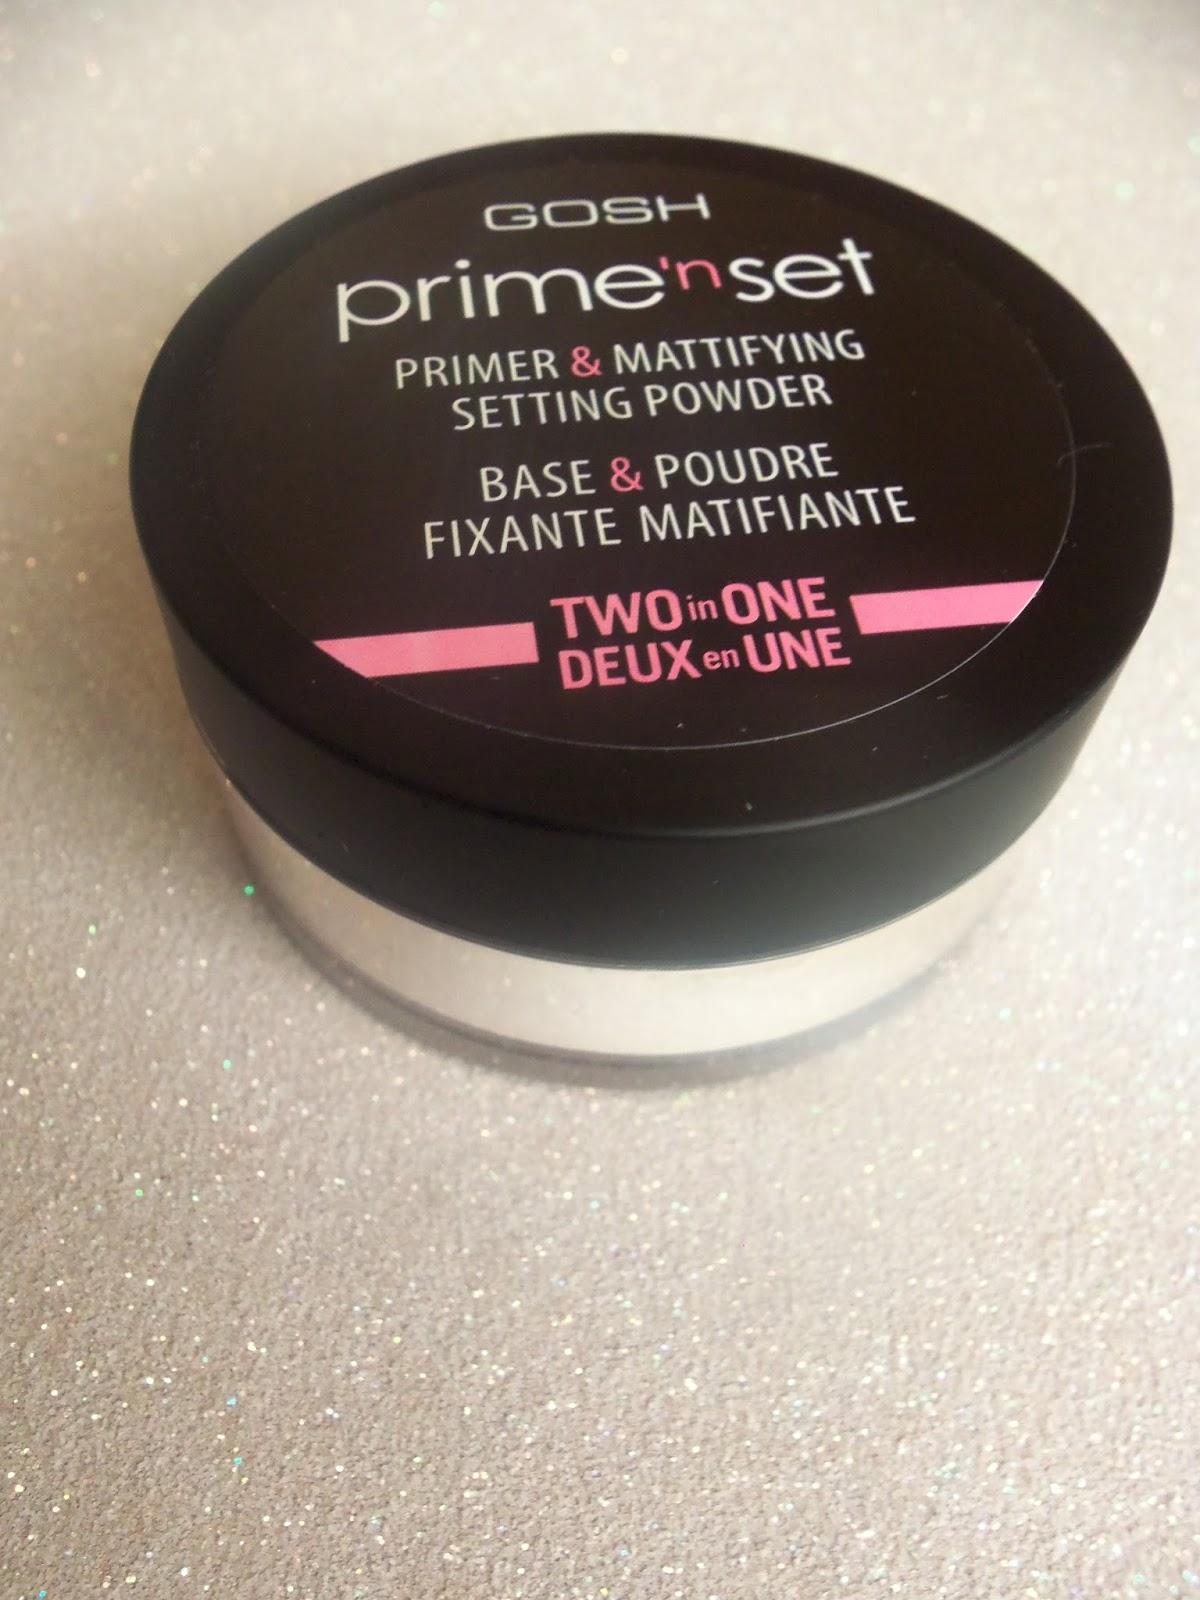 Gosh Prime'n Set Primer Mattifiying Setting Powder